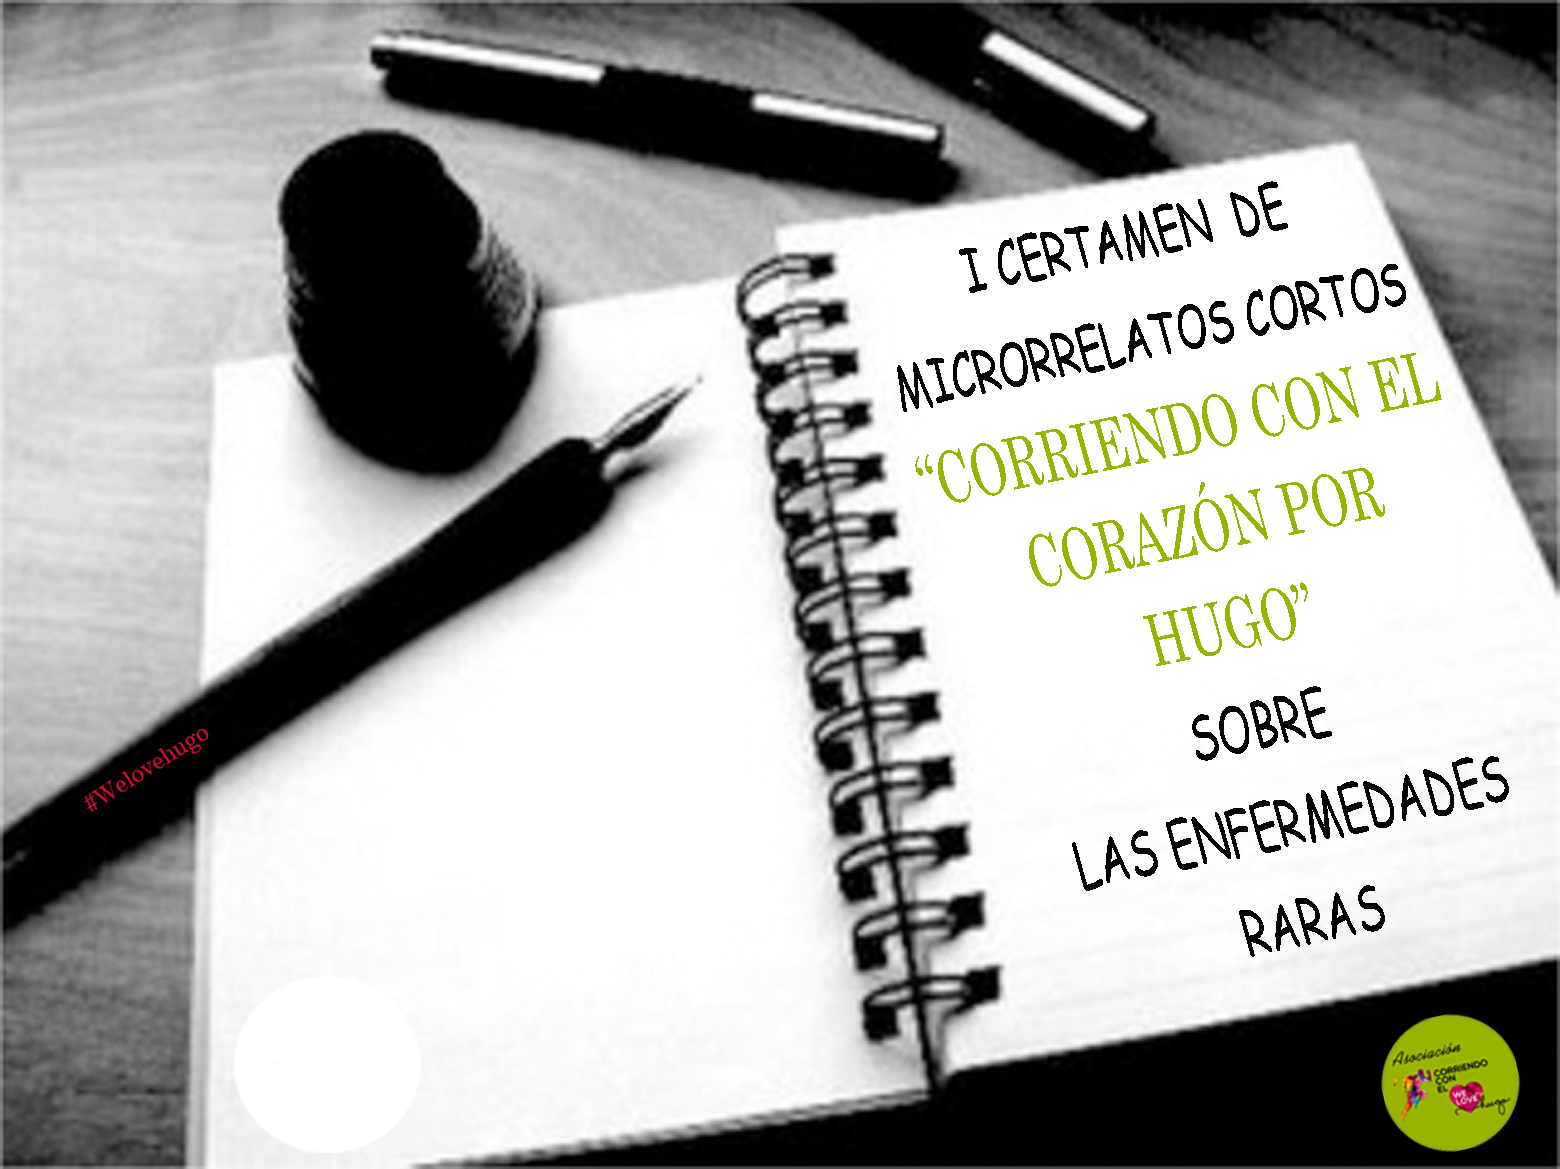 """I CERTAMEN DE MICRORRELATOS CORTOS  """"CORRIENDO CON EL CORAZÓN POR HUGO""""  SOBRE LAS ENFERMEDADES RARAS"""